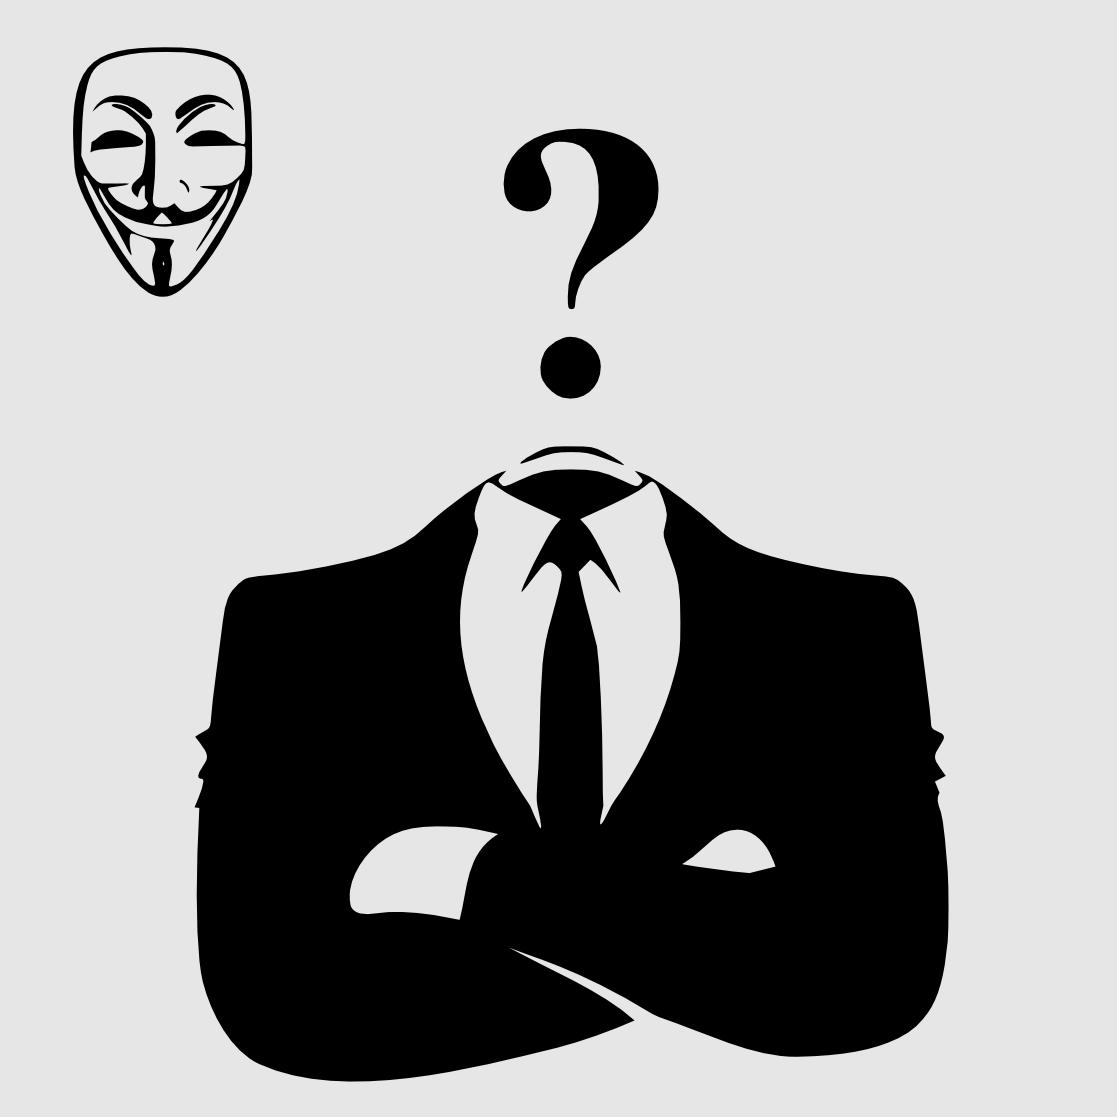 work/full/vario/anon_striker.png